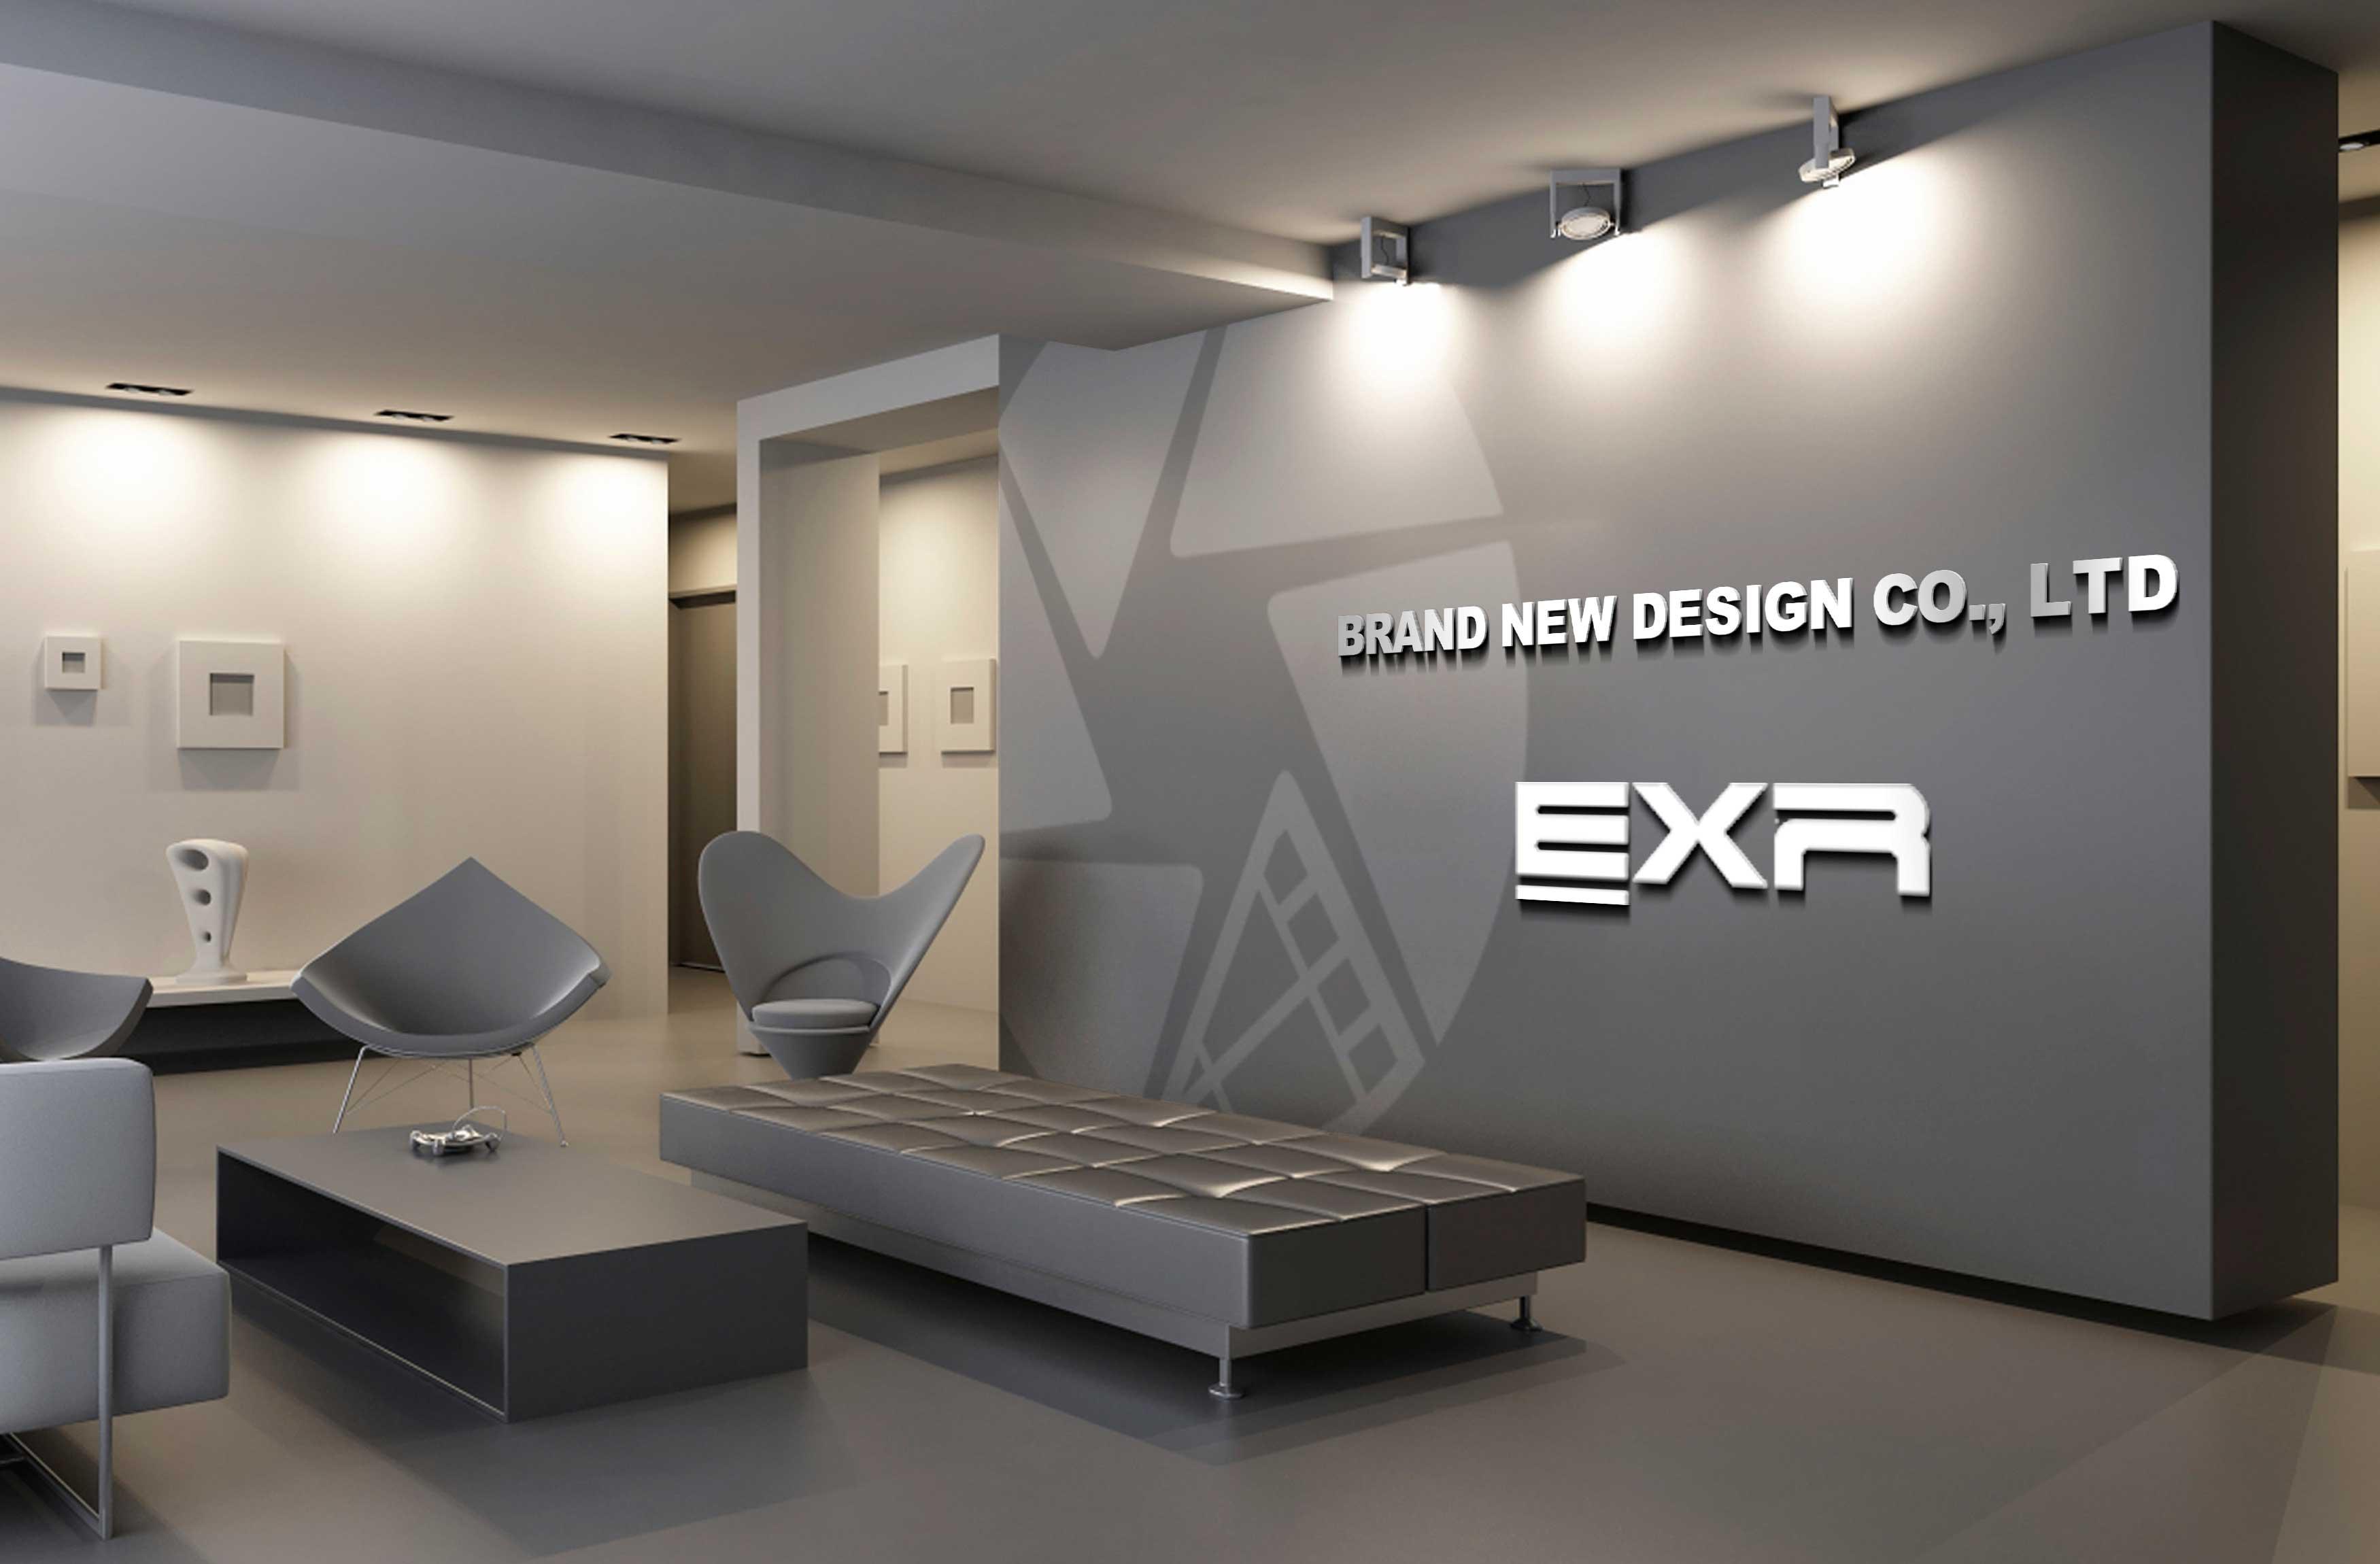 以策略、创业、设计、技术、服务为核心的互联网广告公司